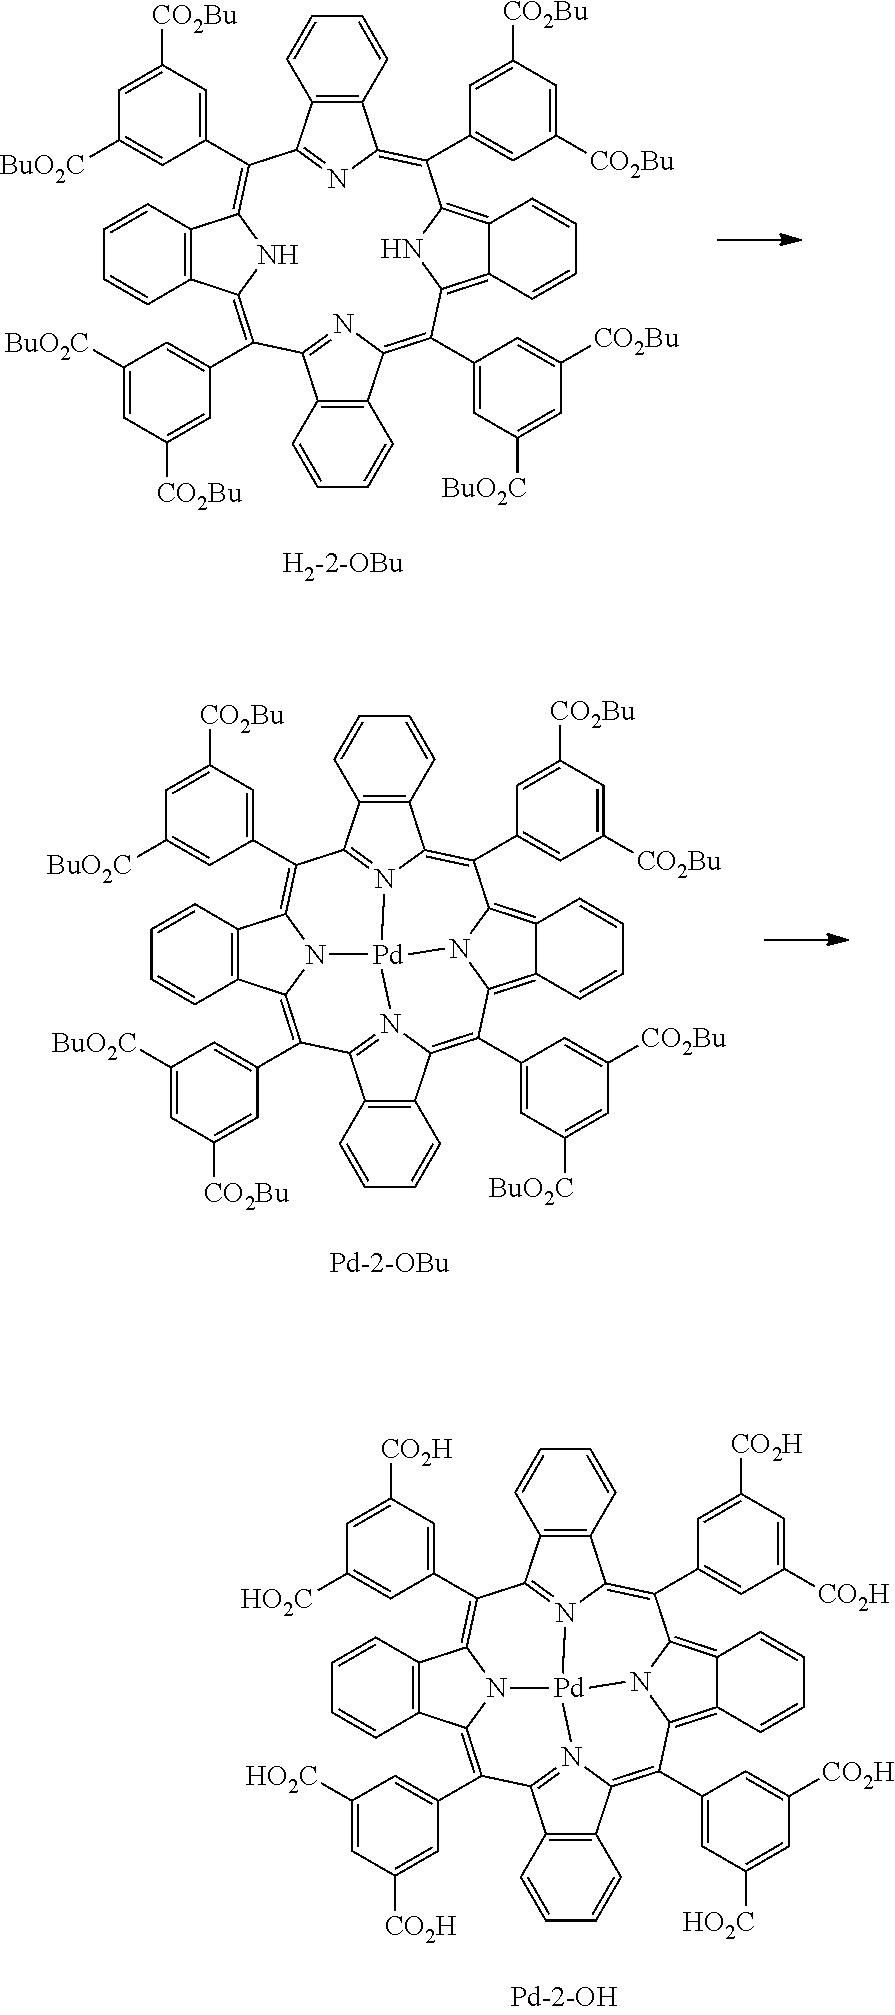 Figure US20110117020A1-20110519-C00014